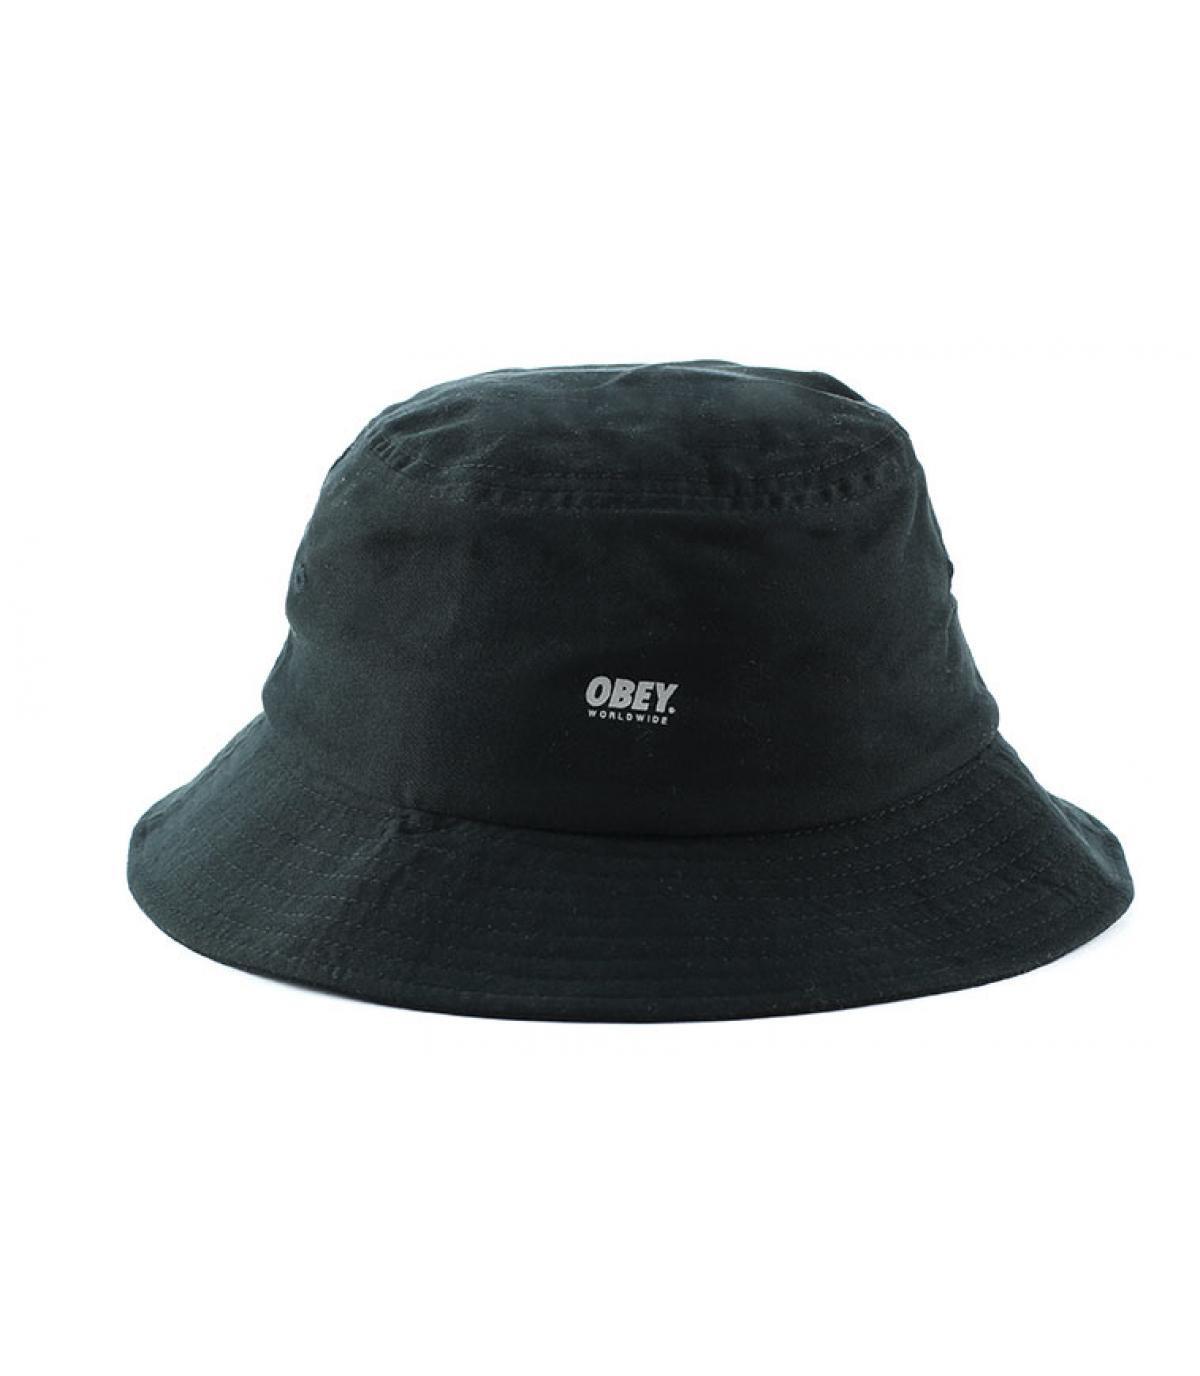 Obey schwarzer Fischerhut